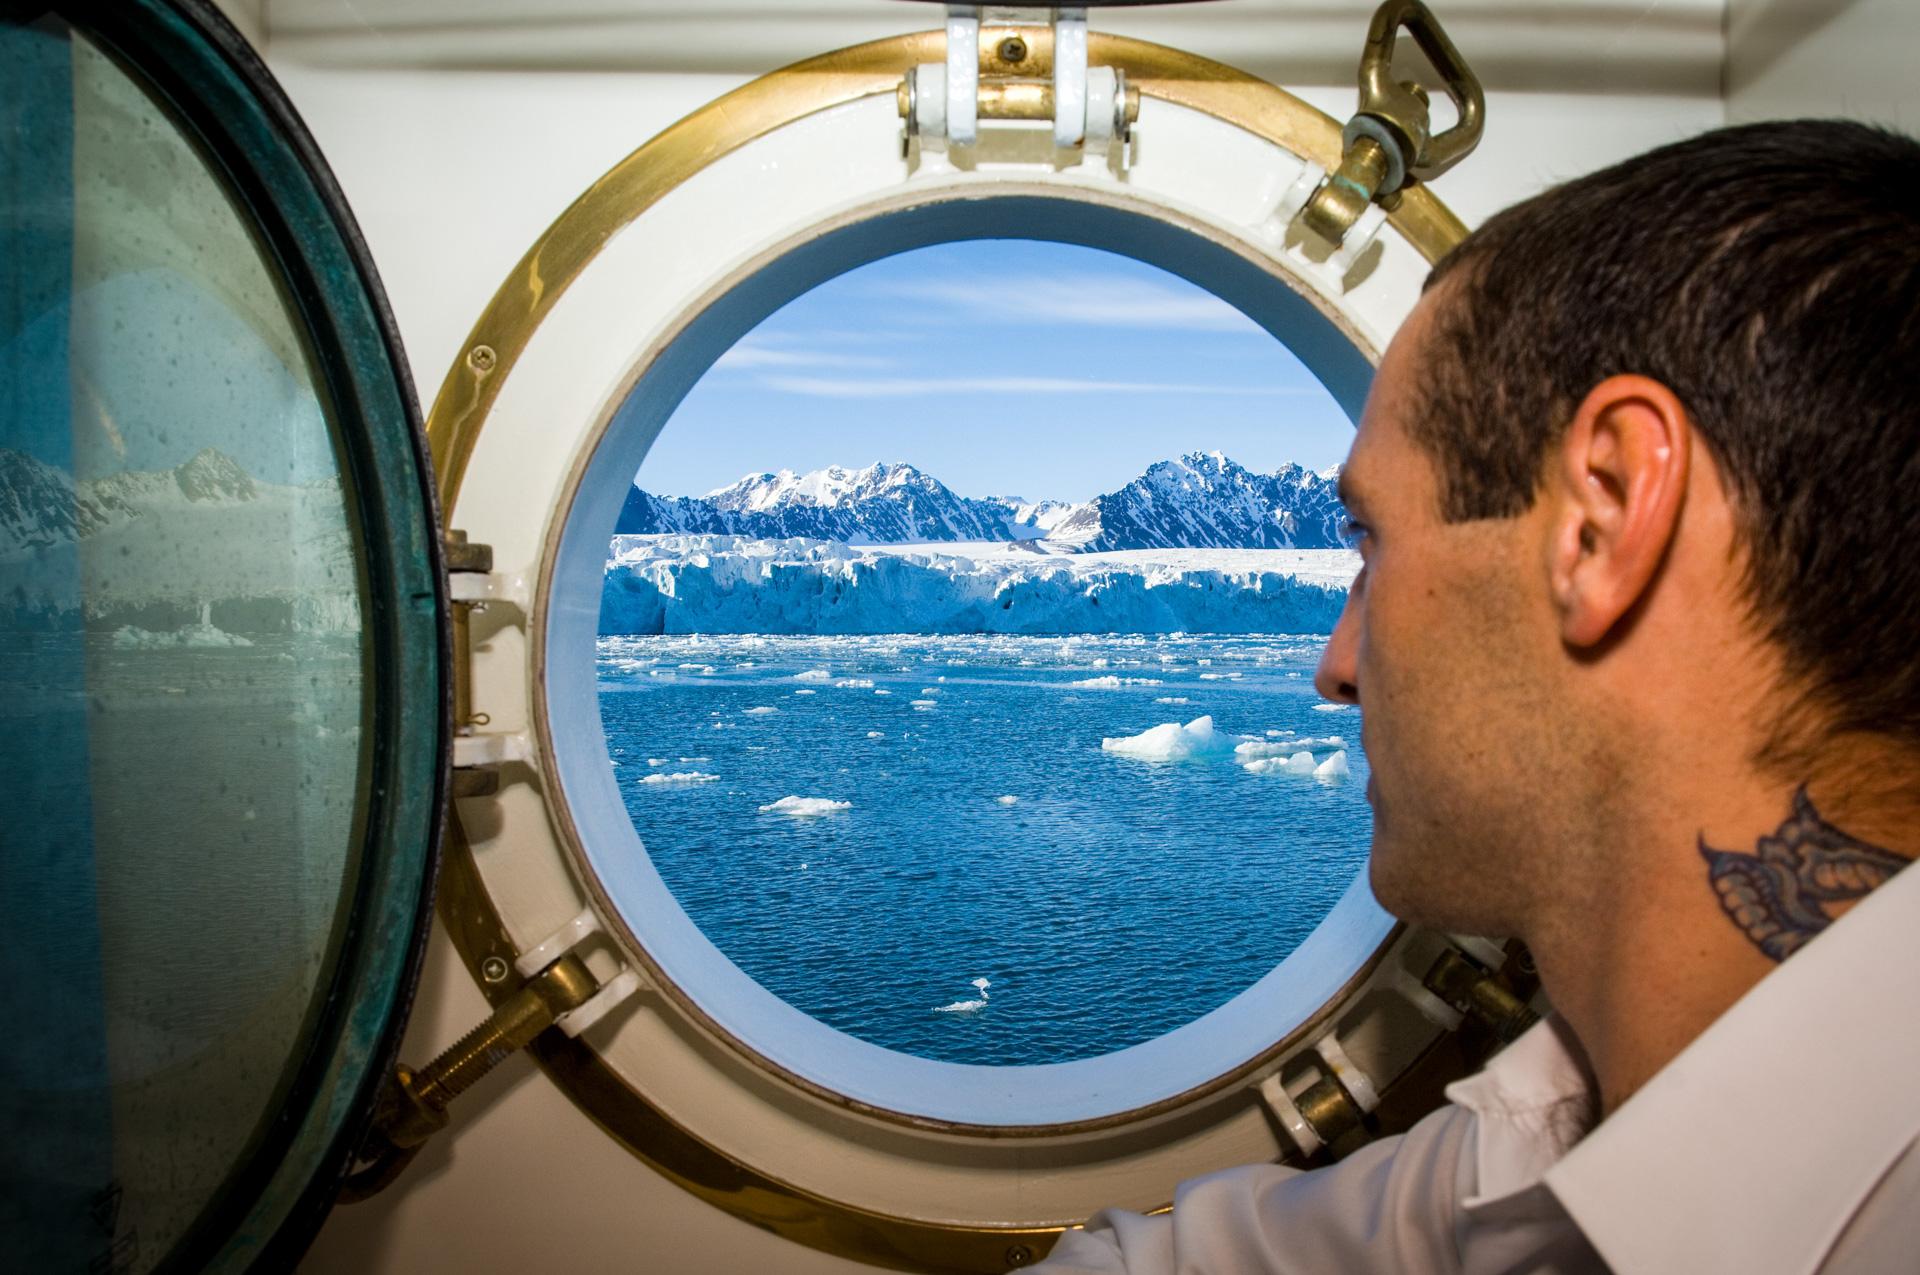 Arktis eine Reise entlang der Küste und den Gletschern von Spitzbergen